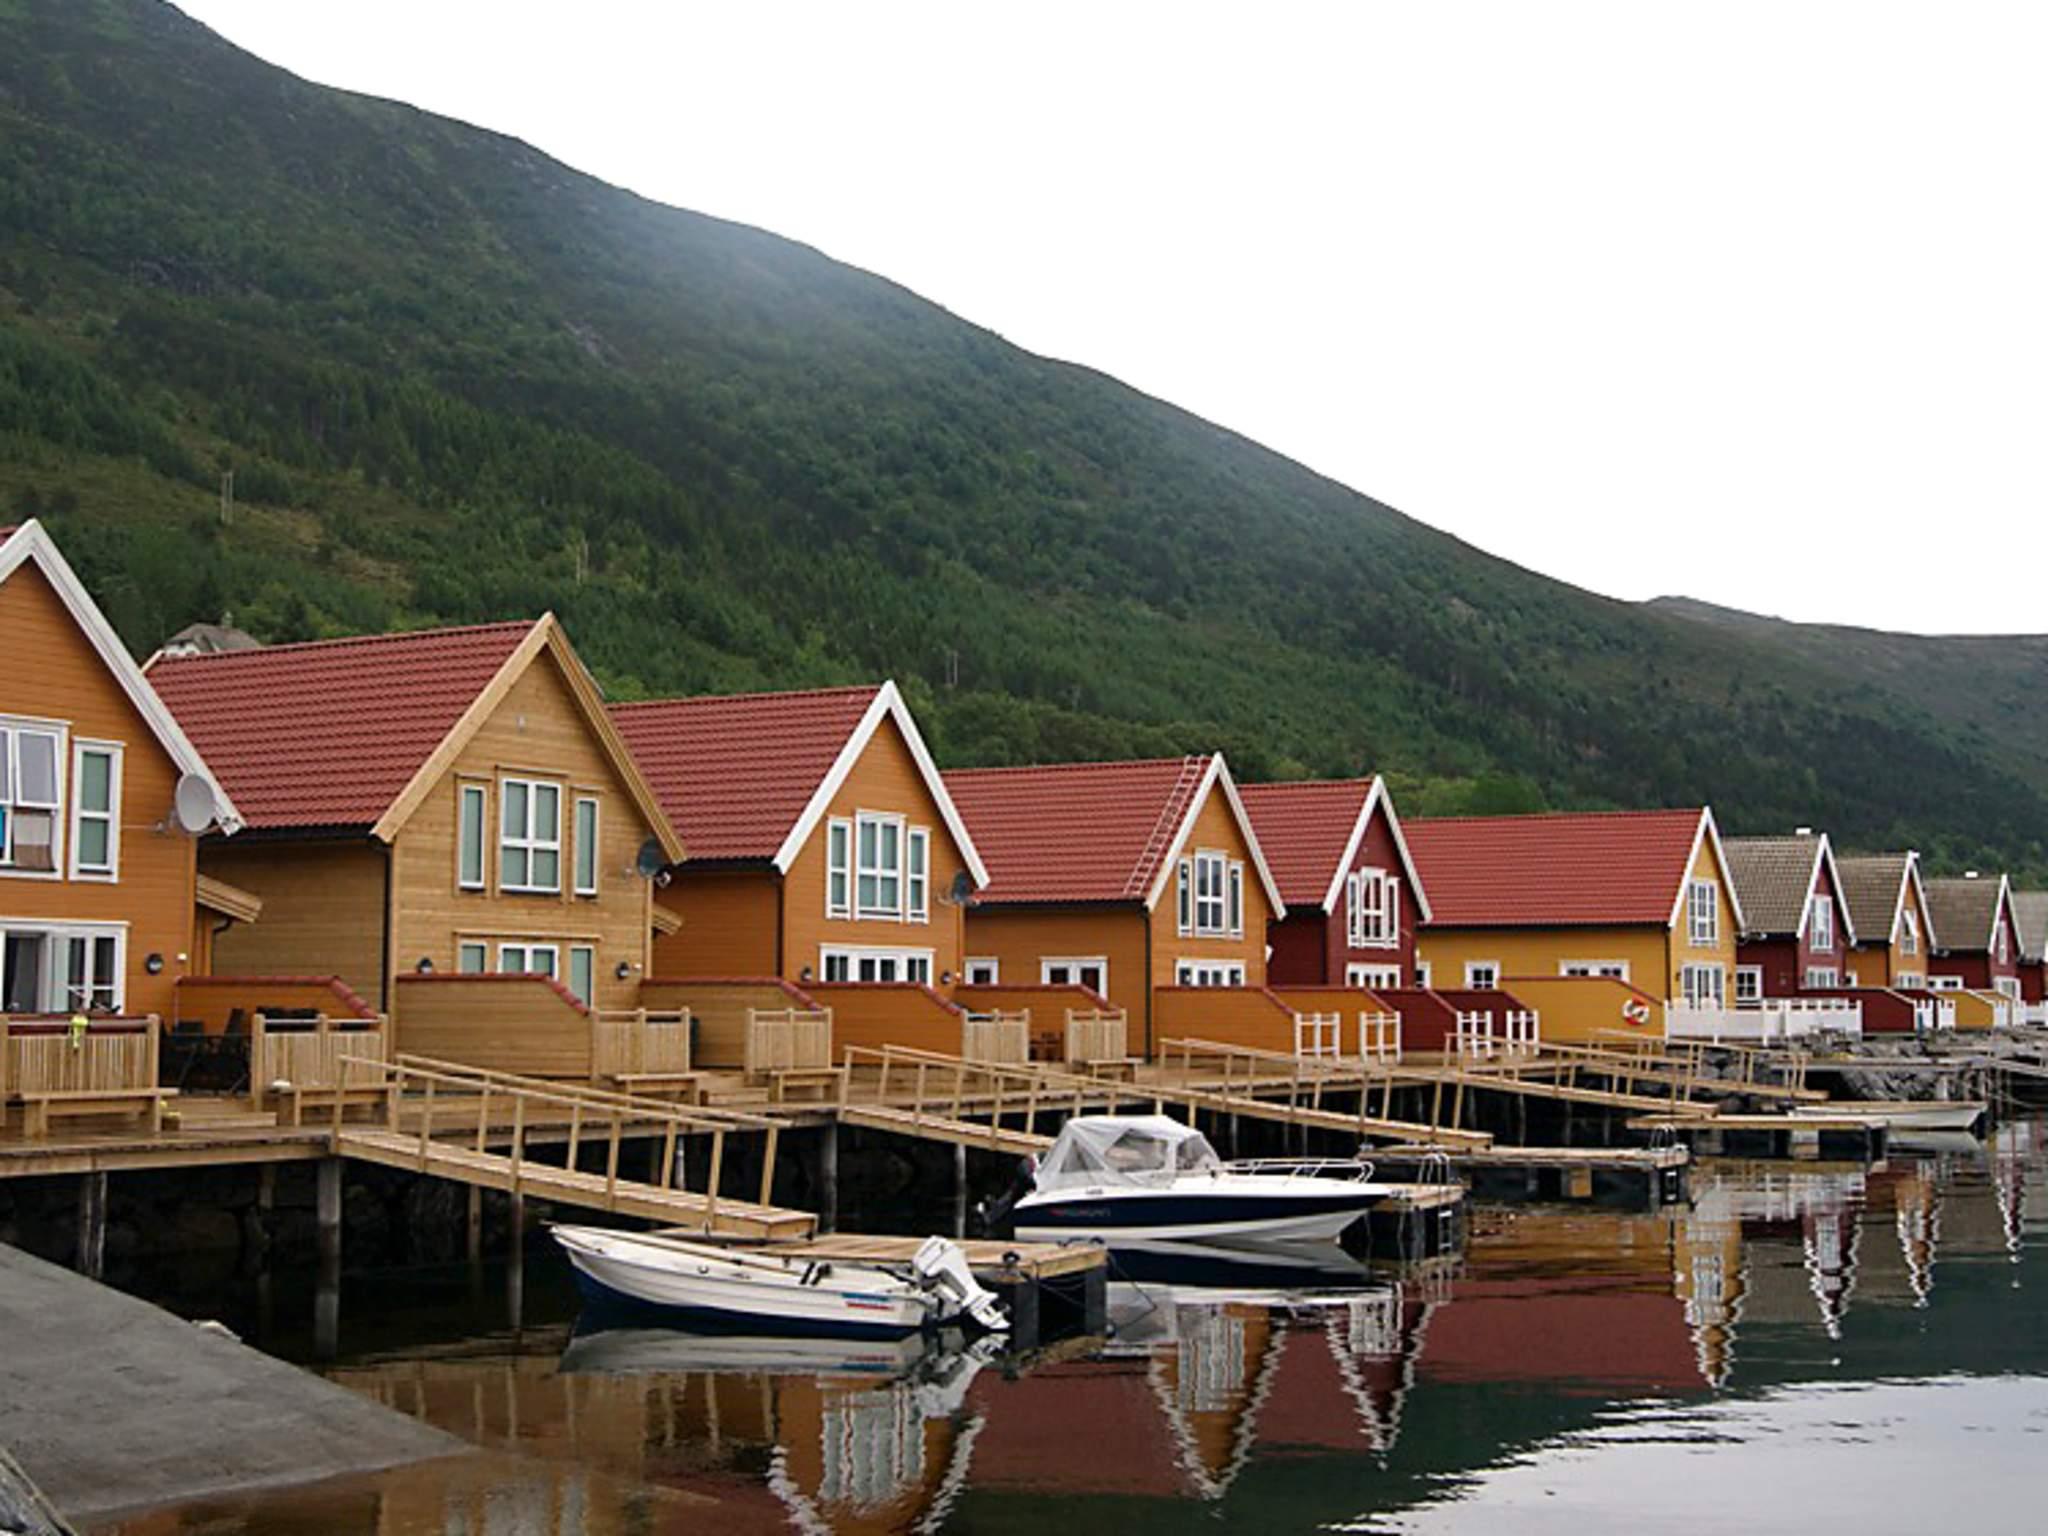 Ferienhaus Haugsbygda (479853), Haugsbygda, More - Romsdal, Westnorwegen, Norwegen, Bild 20